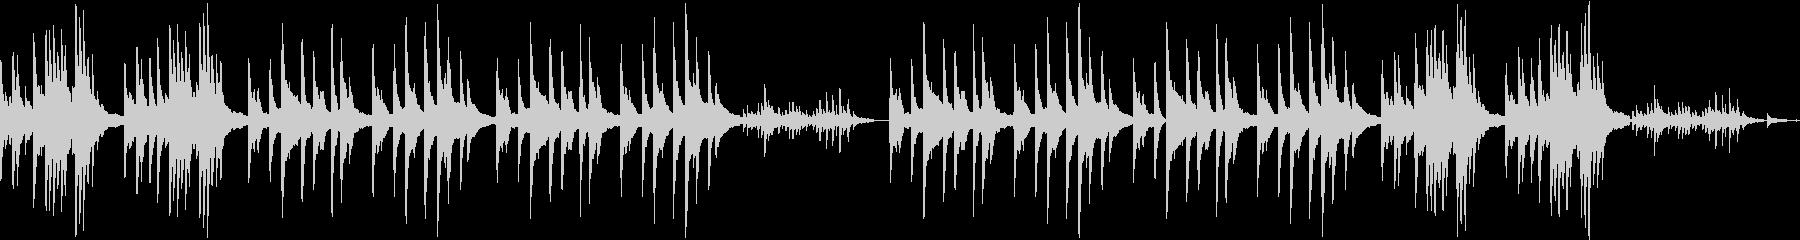 ヒーリング、静かなソロピアノの未再生の波形